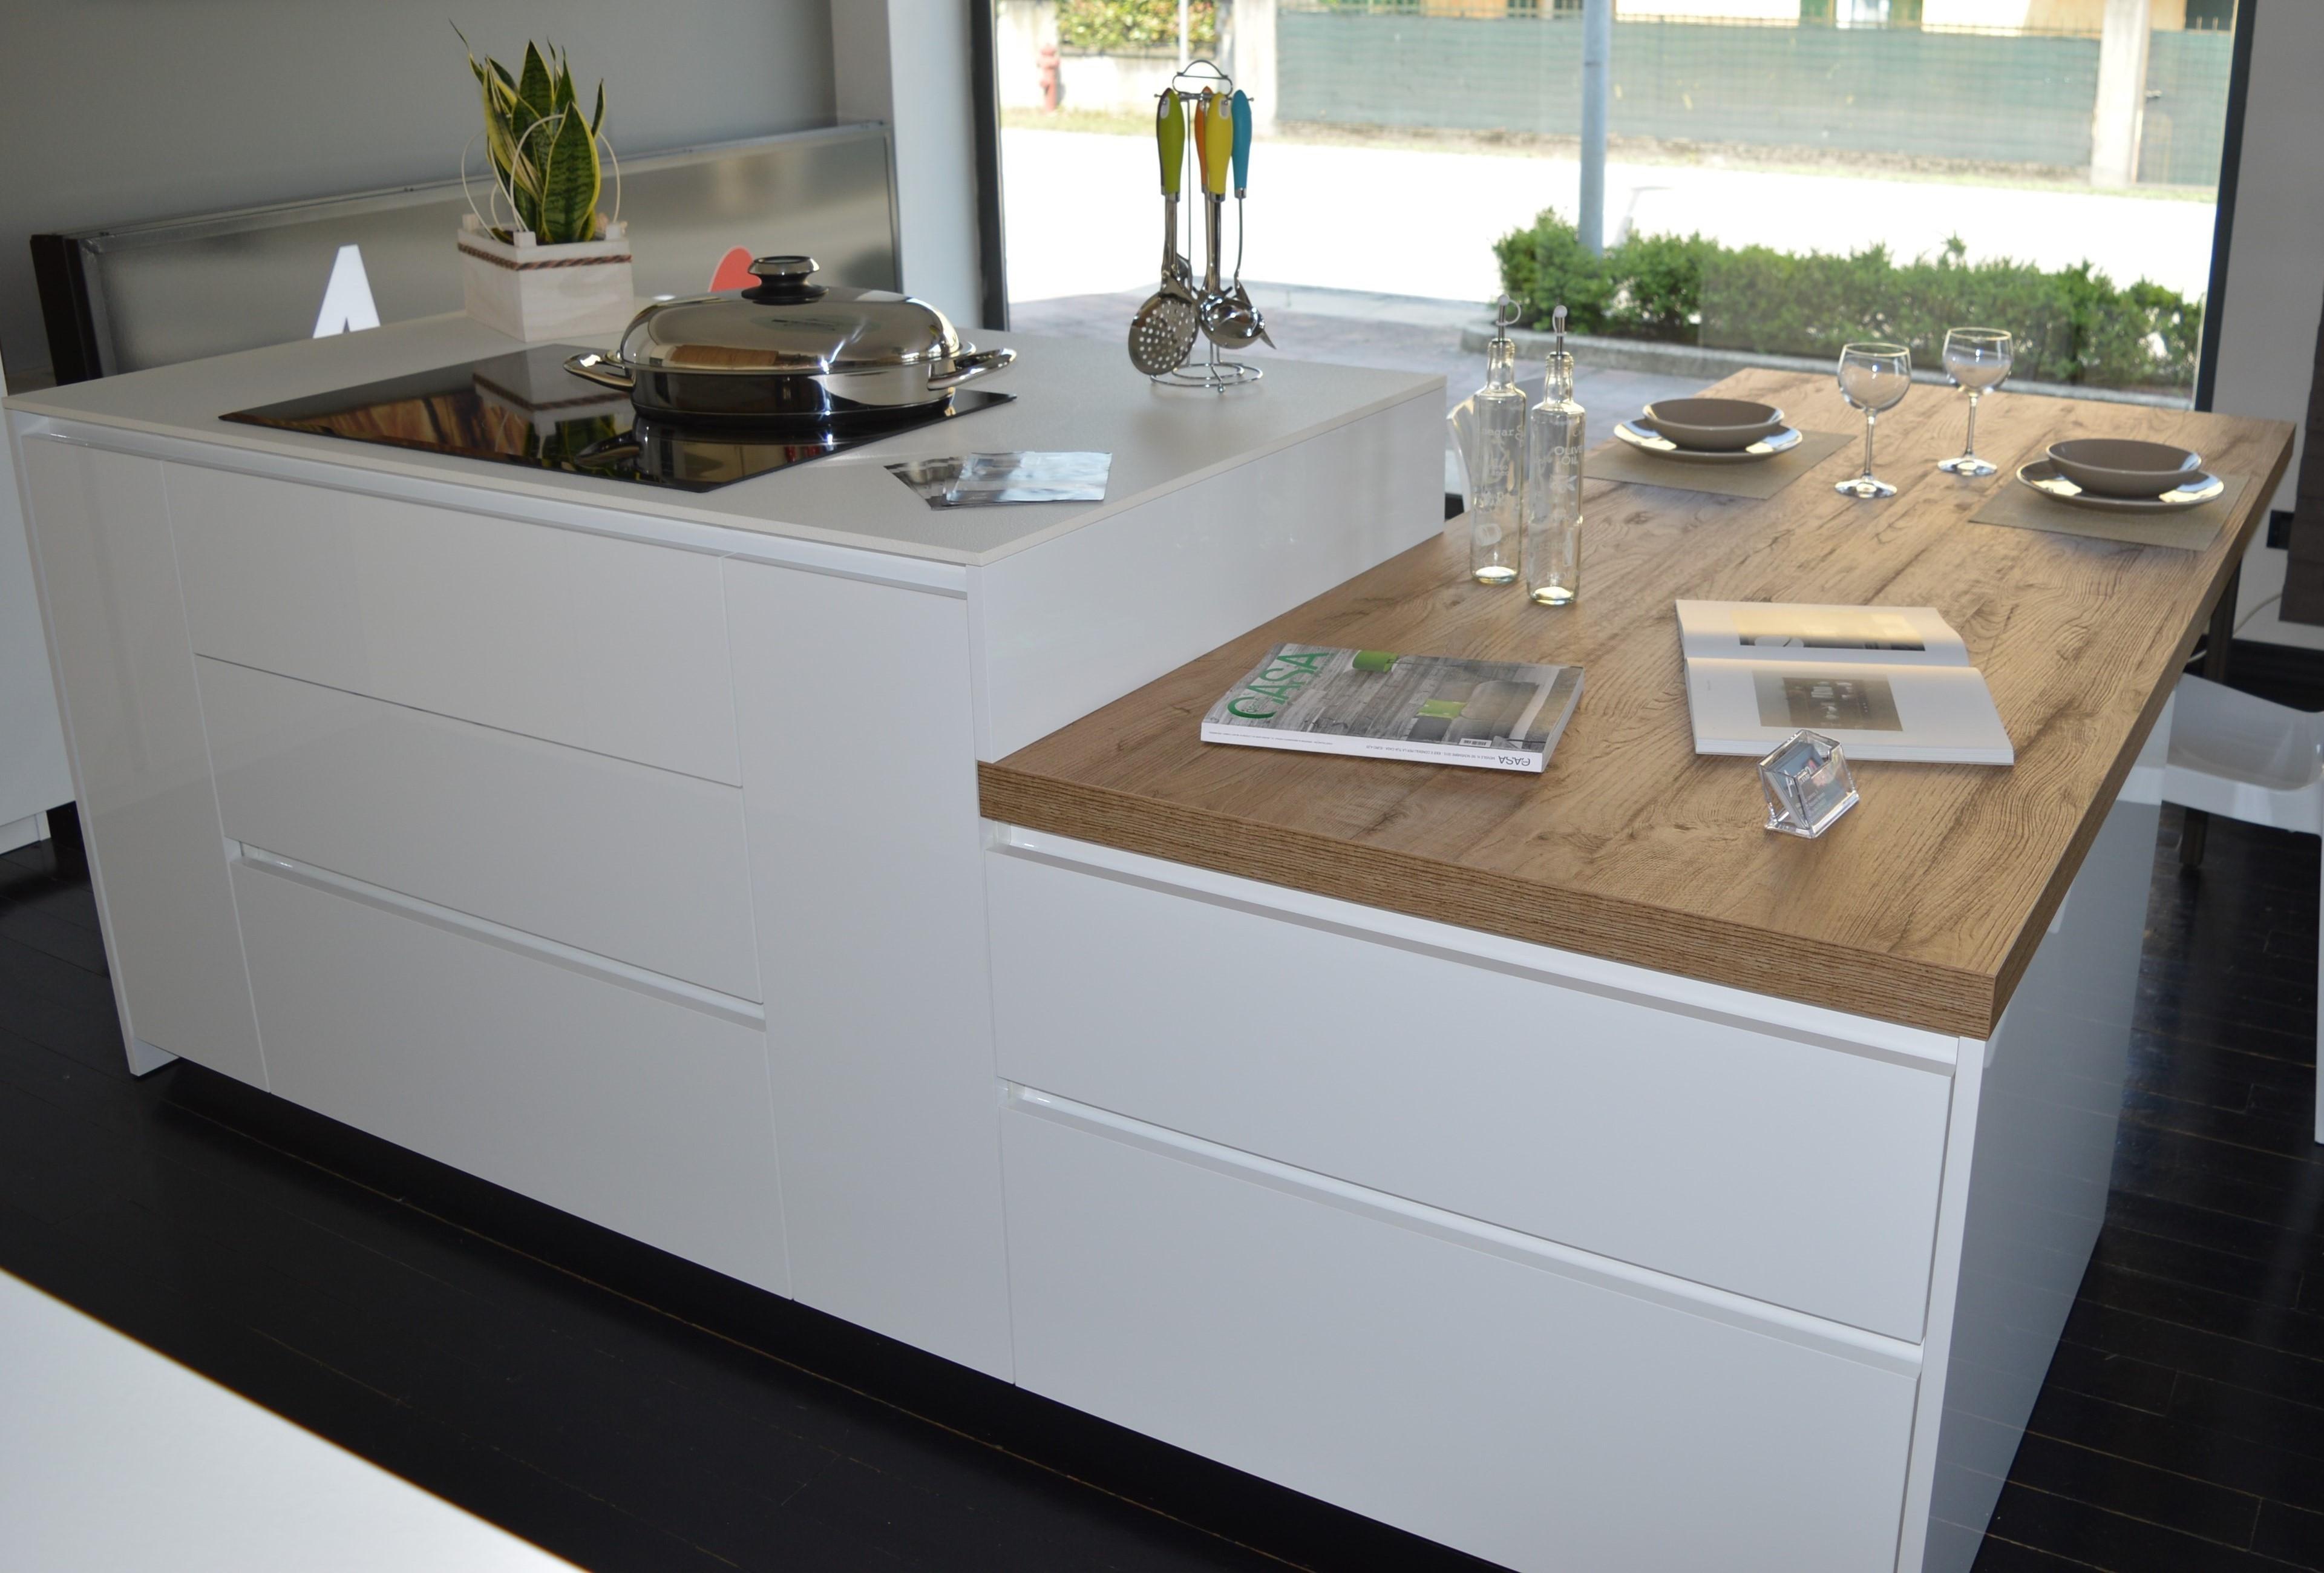 Isole per cucine piccole nb64 regardsdefemmes for Cucina a concetto aperta con isola